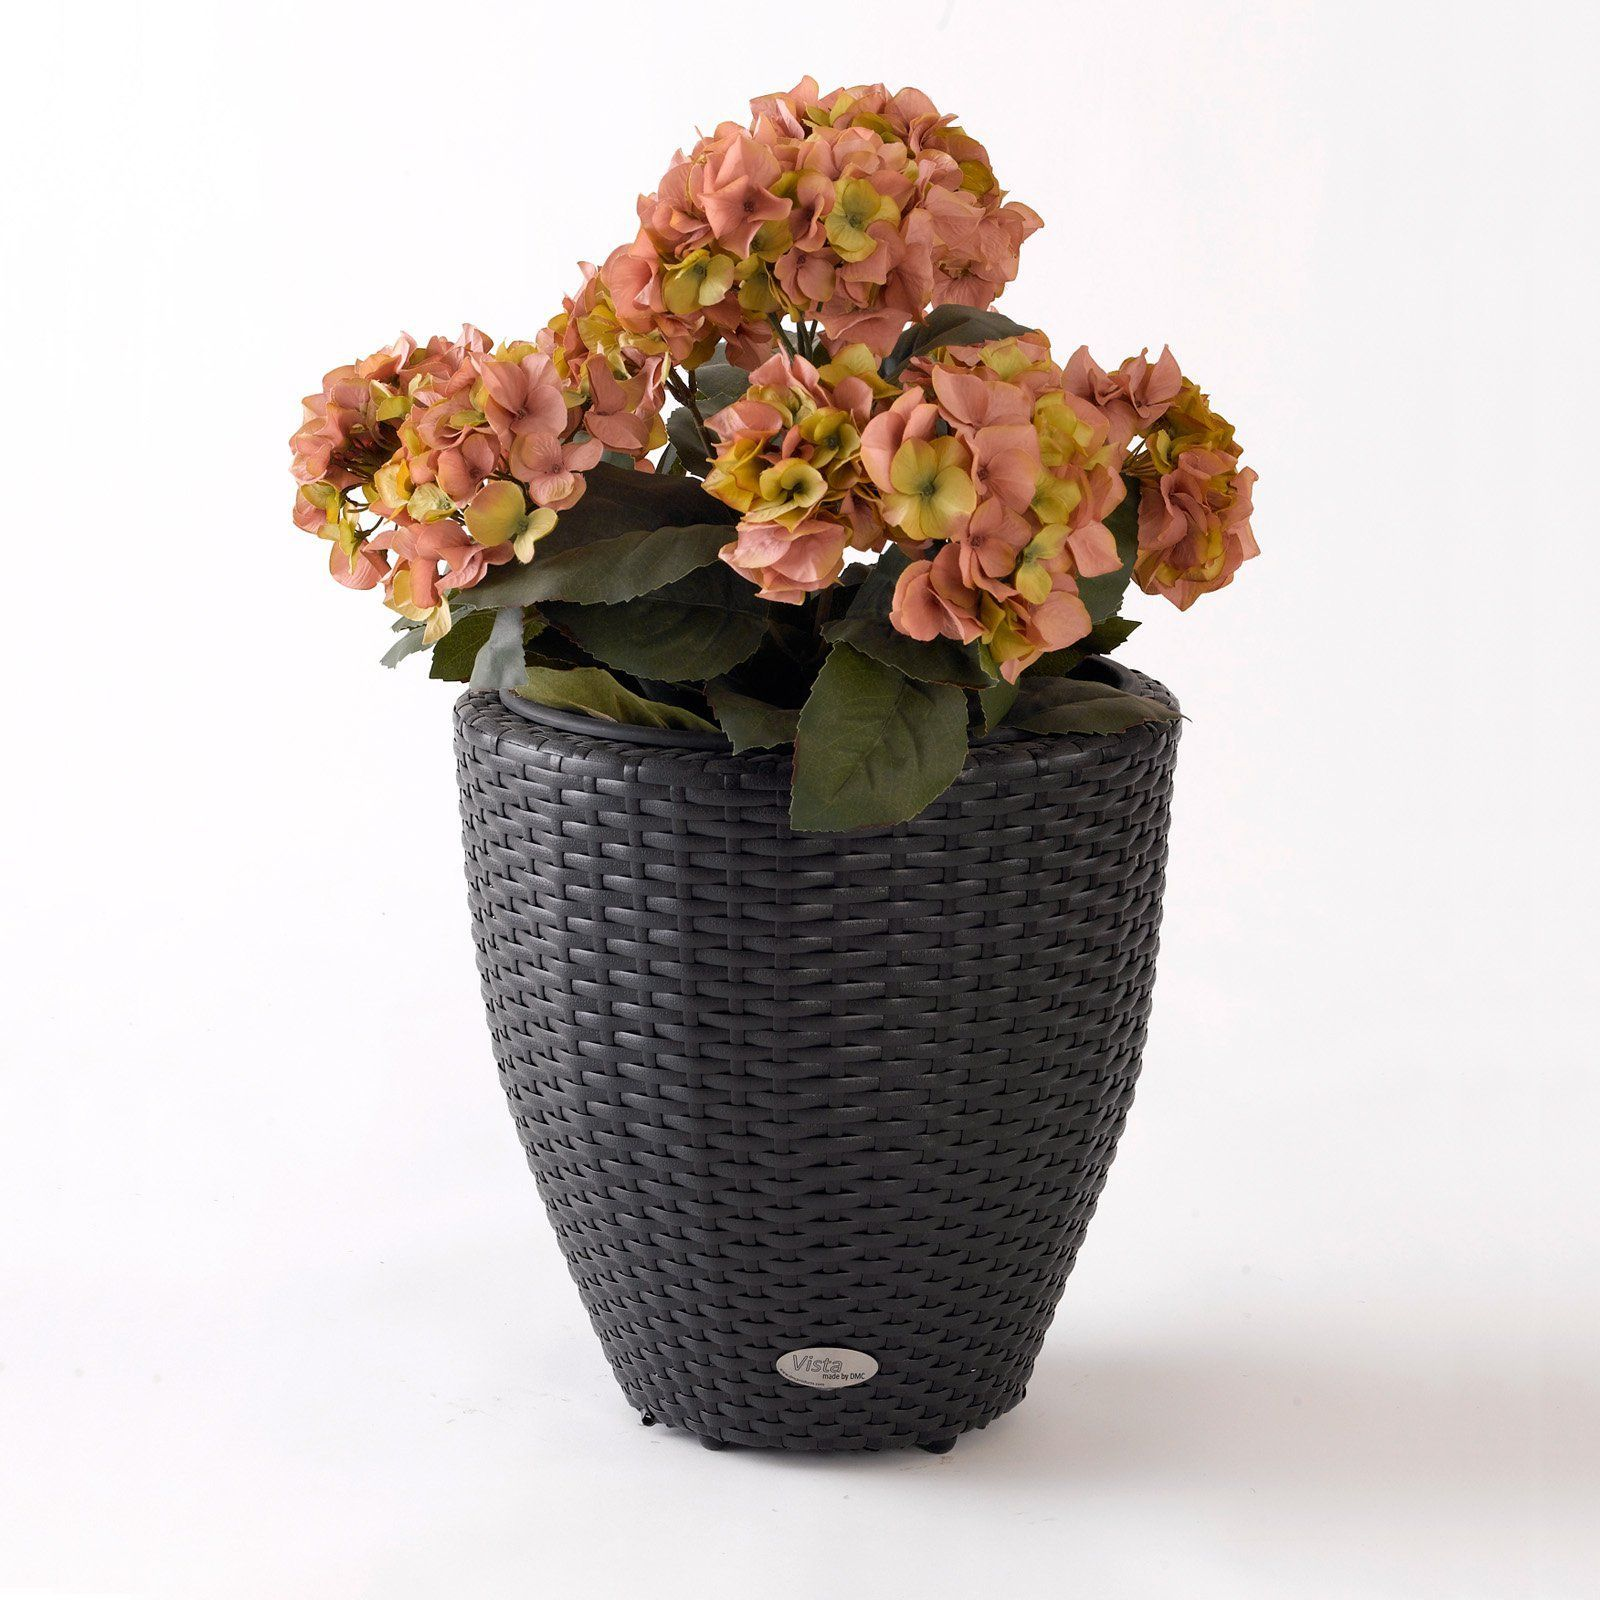 DMC Vista Planters Round Pot Planter *** Visit the image